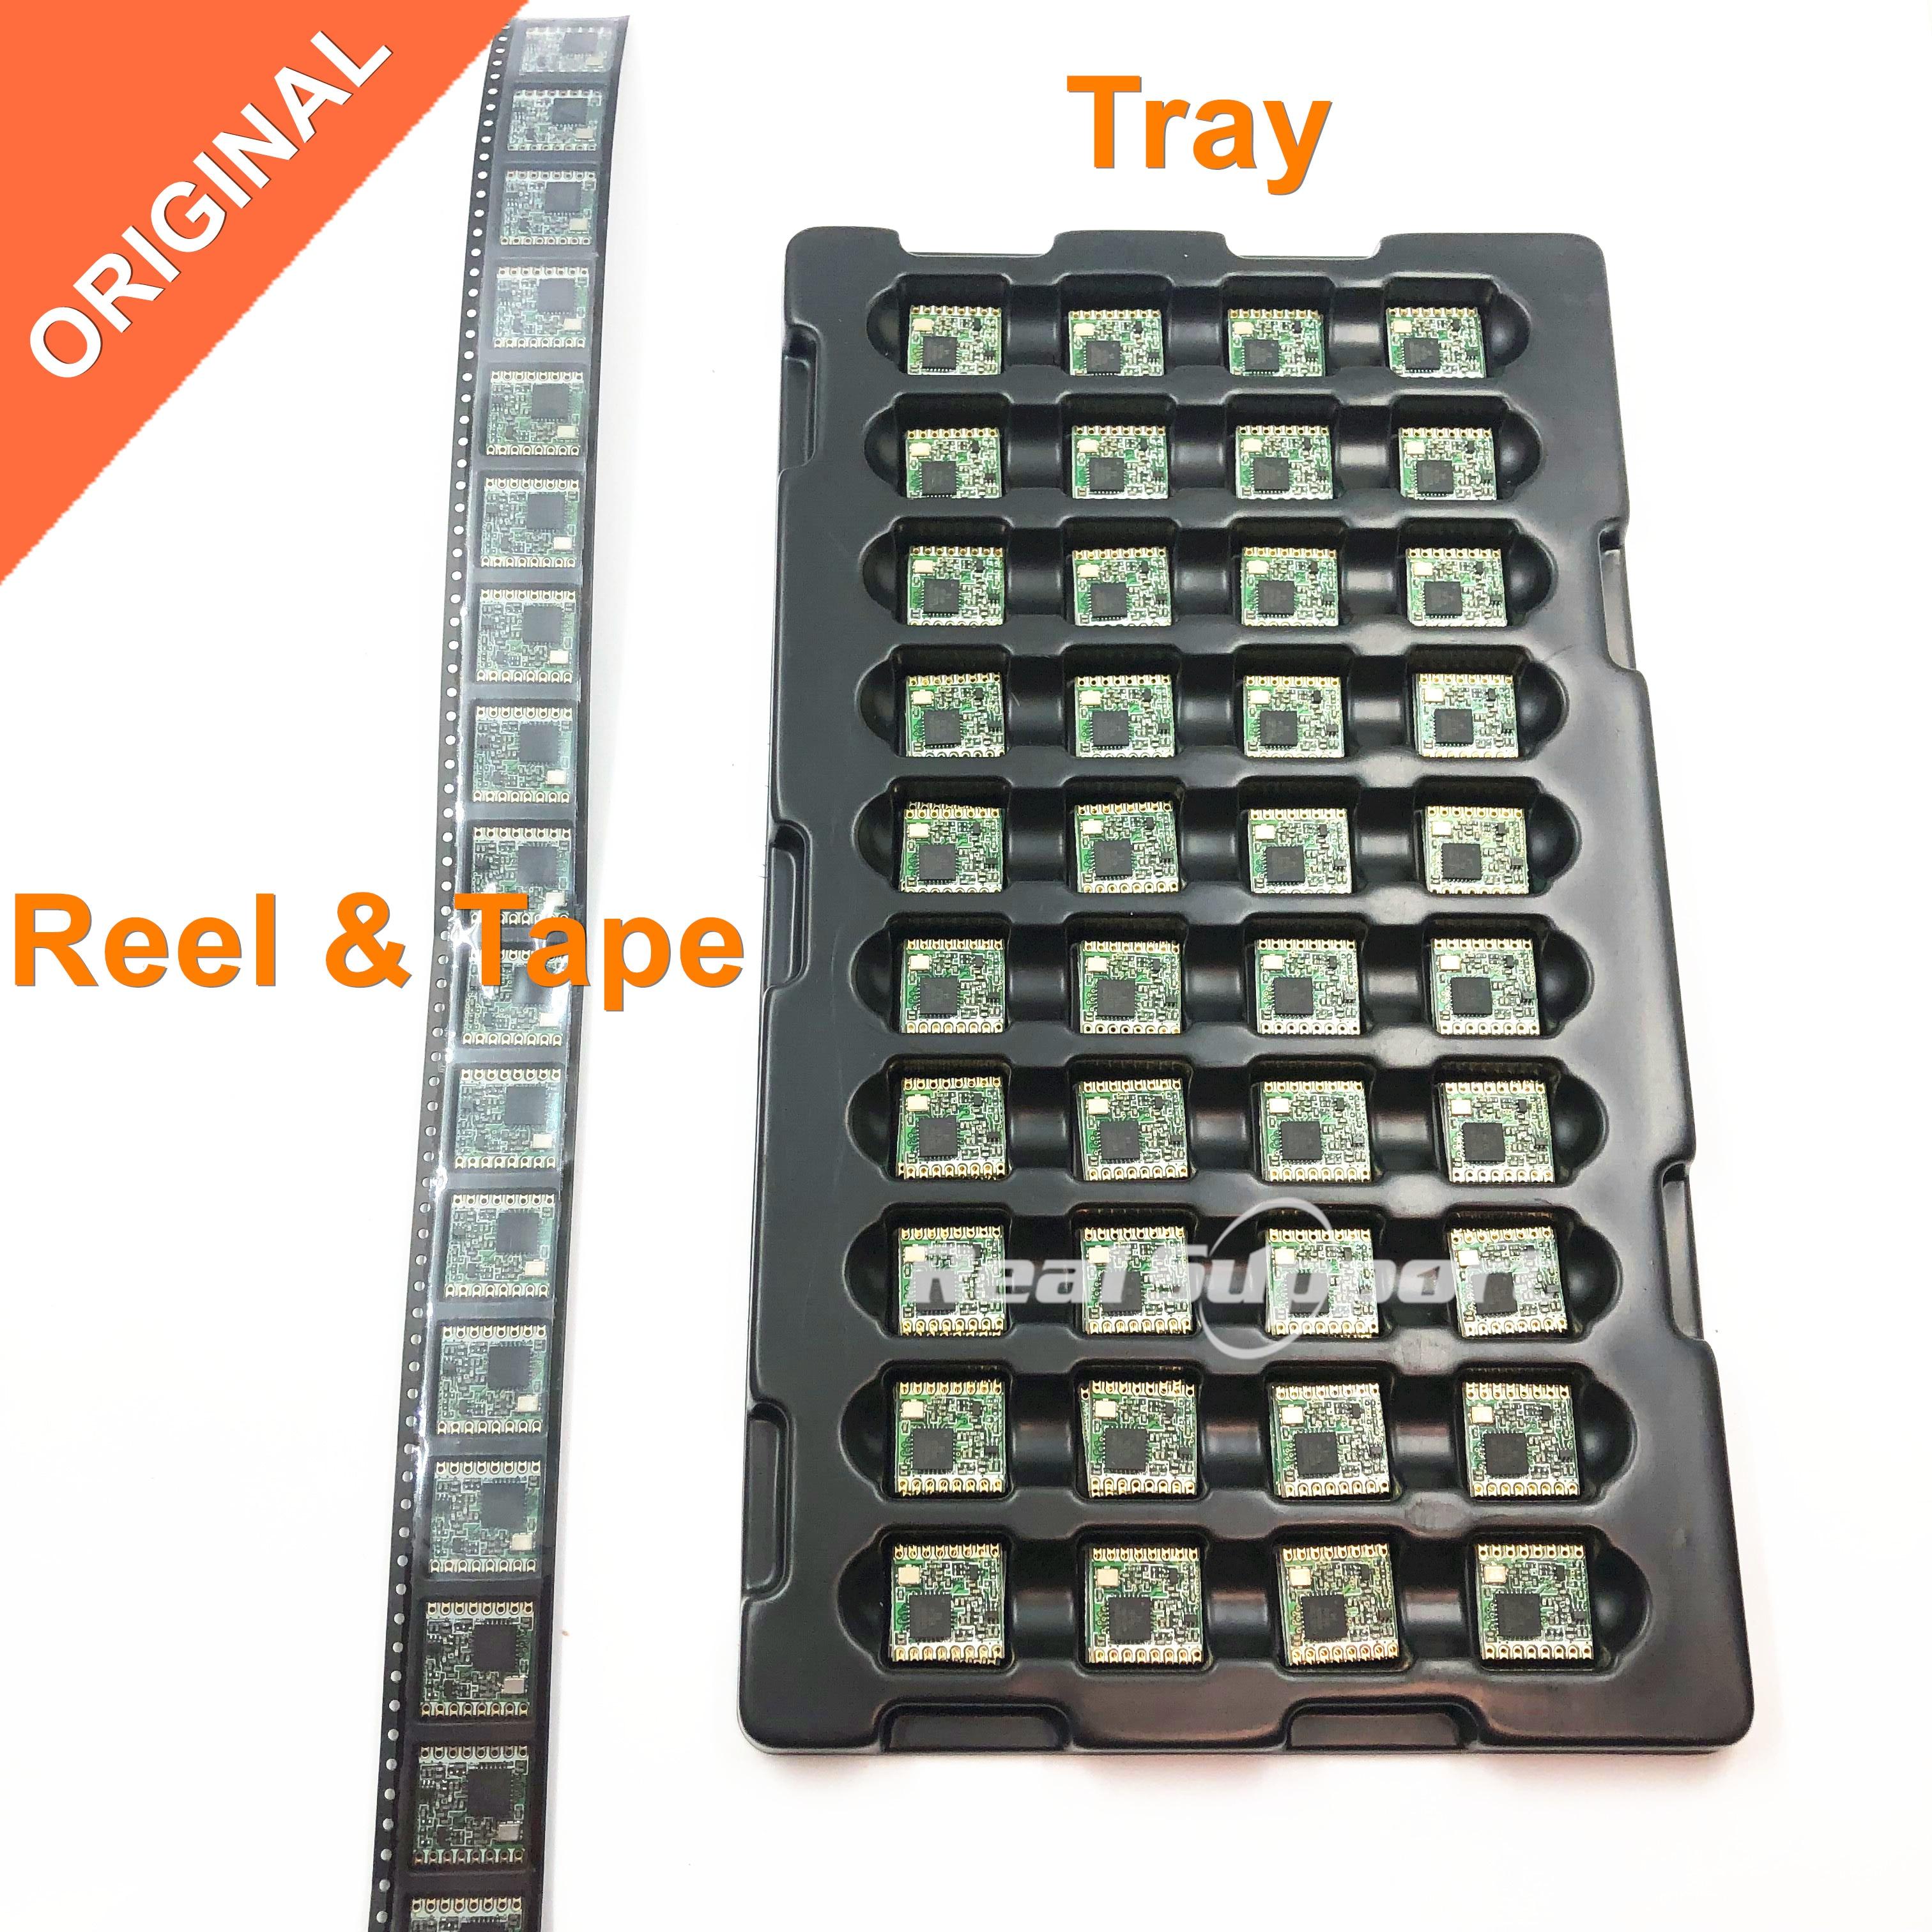 Free Shipping RFM95 RFM95W 868Mhz 915MHz LORA SX1276 Wireless Transceiver Module RFM95W-868S2 RFM95W-915S2 FCC ROHS ETSI REACH